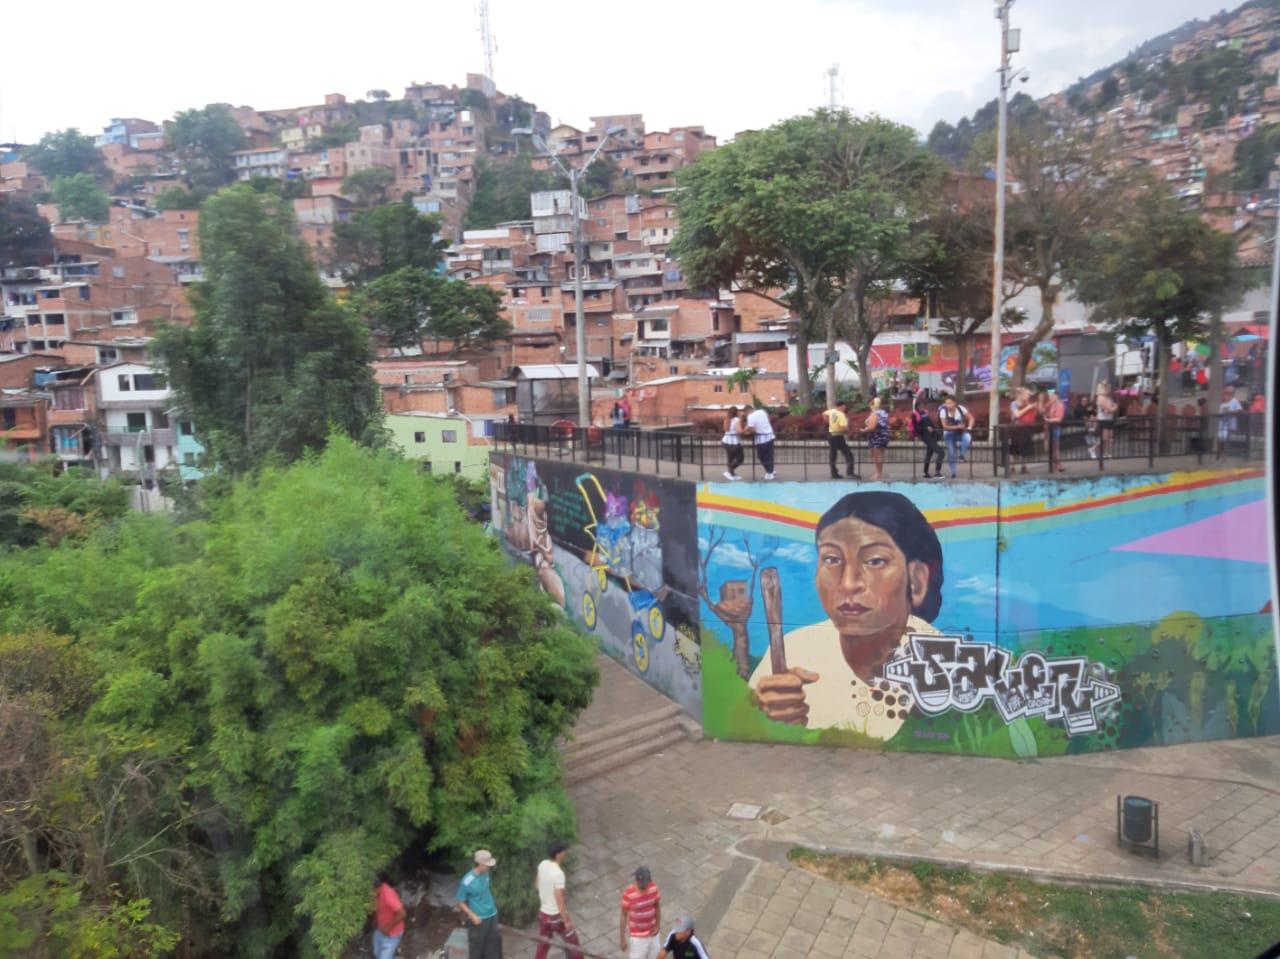 Medellin - Spanisch Sprachreise nach Kolumbien